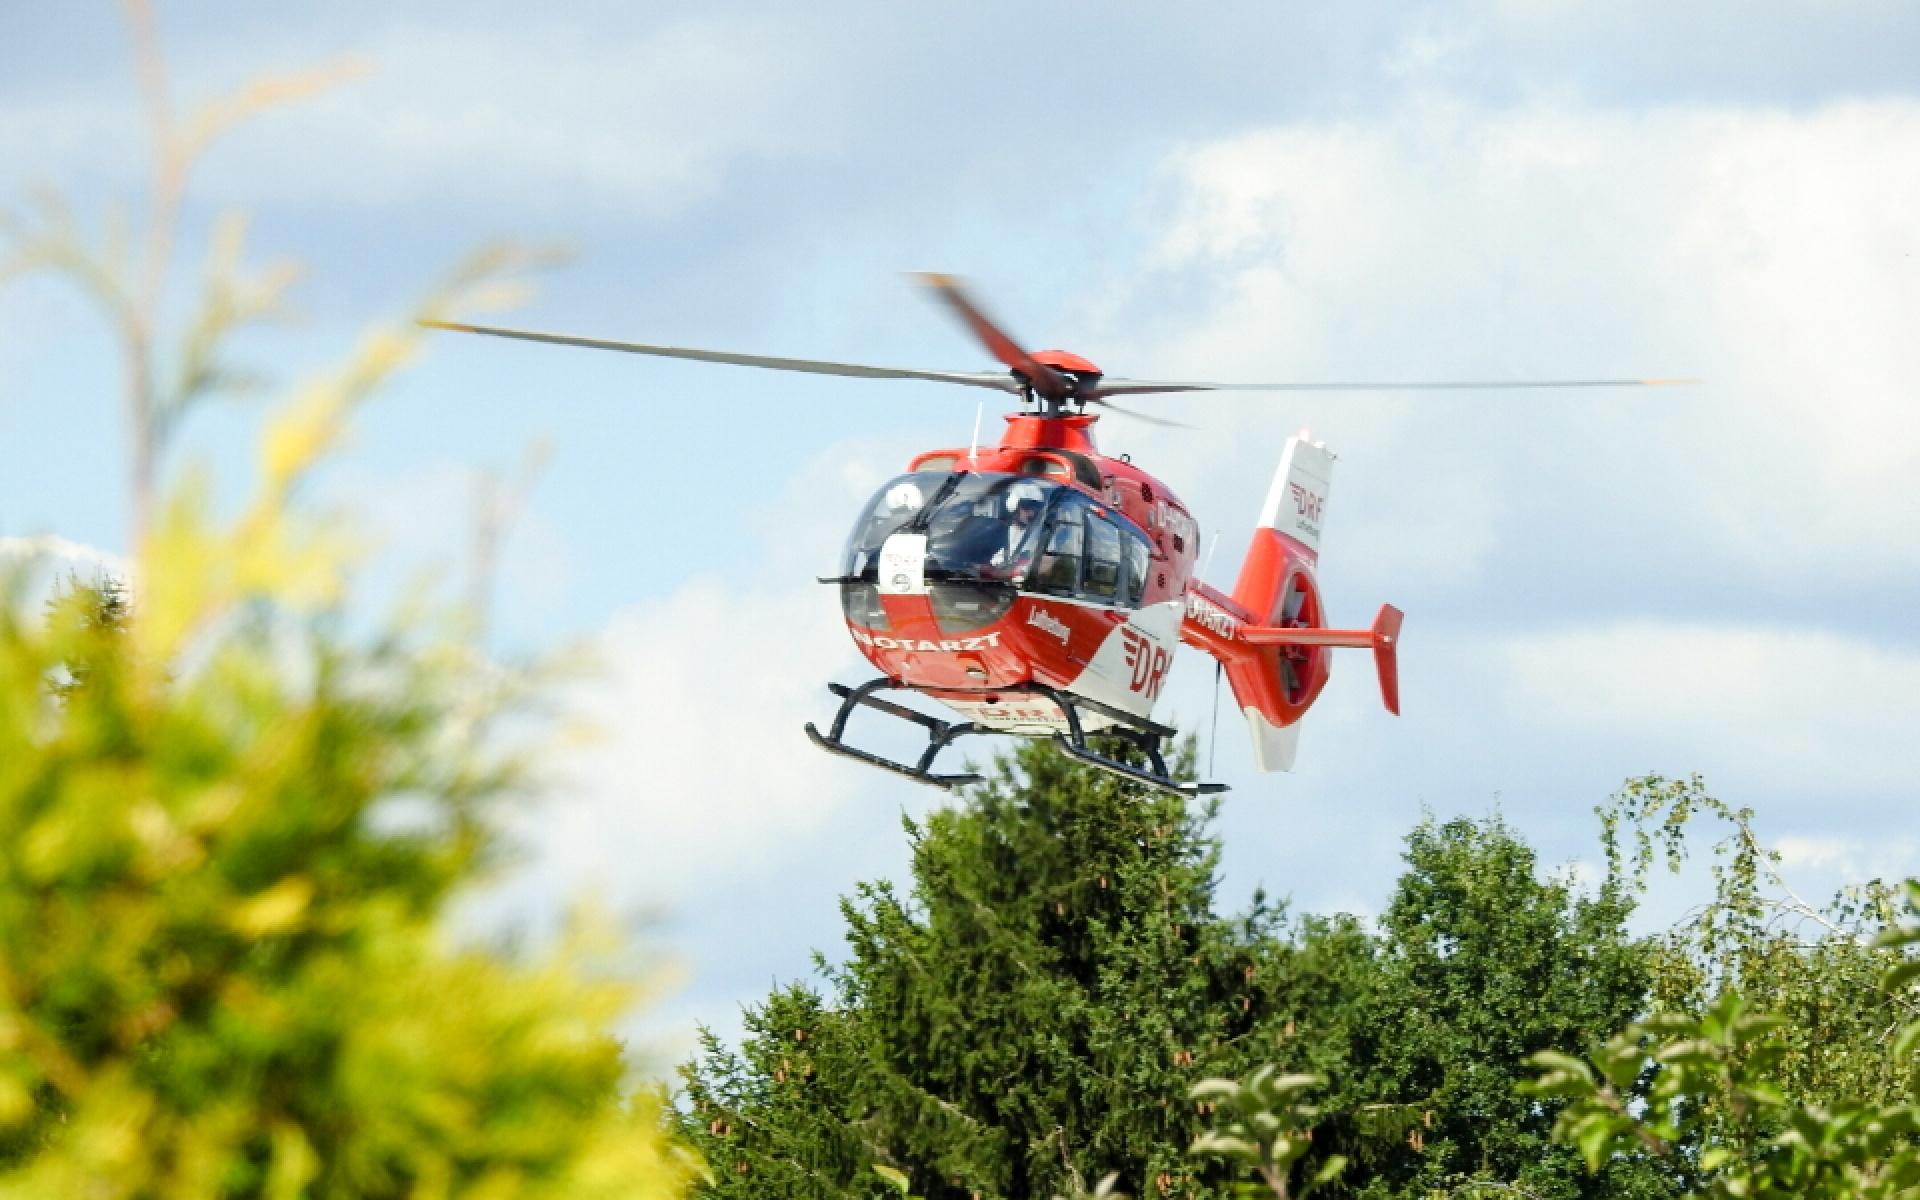 Das Team der DRF Luftrettung in Bad Saarow kommt nach wenigen Flugminuten am Einsatzort an. Symbolbild (Quelle: Daniel Stibitz).